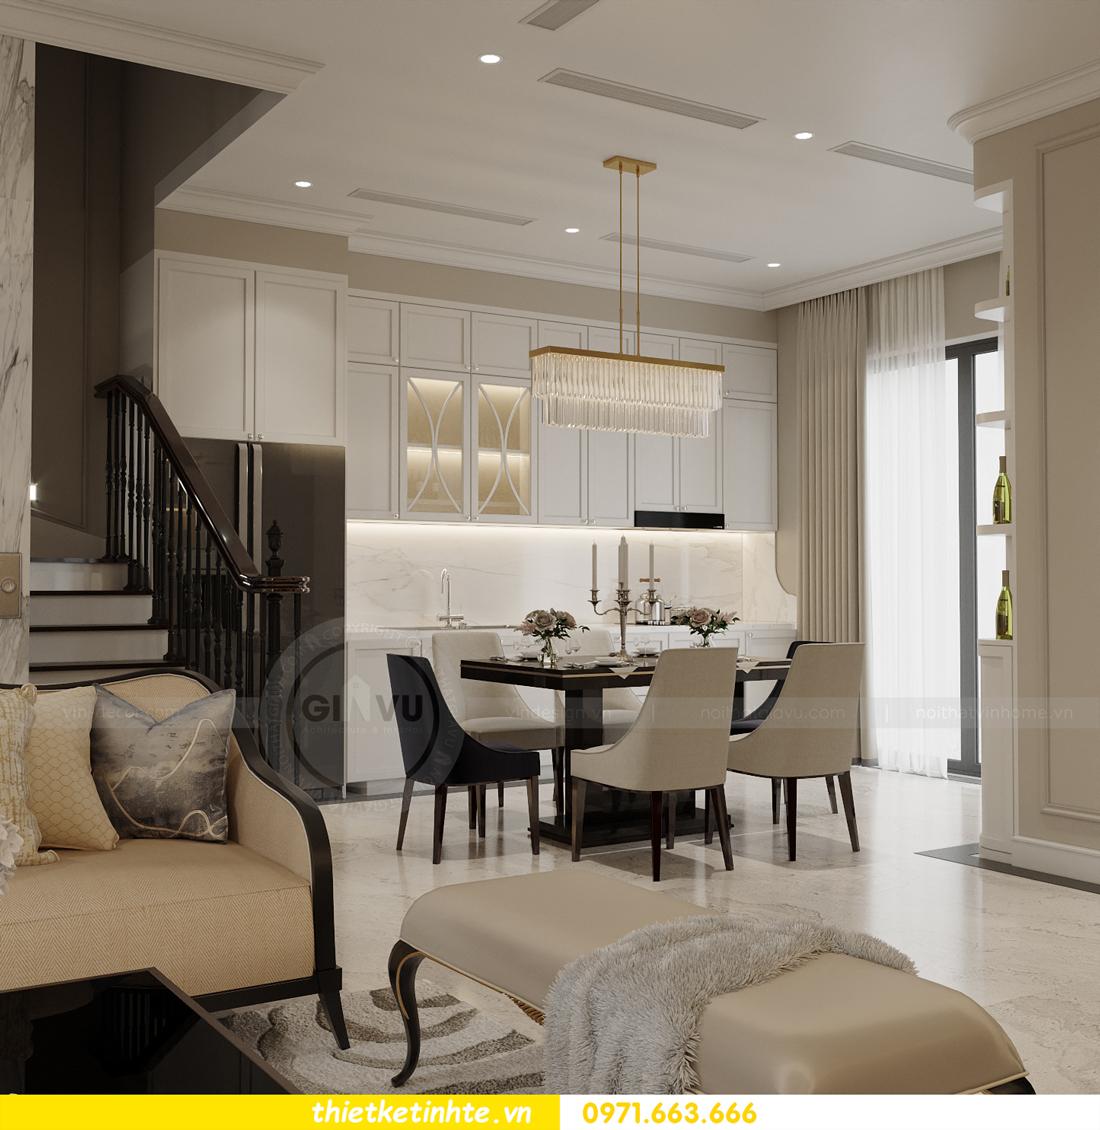 Thiết kế nội thất biệt thự Sao Biển 02-29 Ocean Park căn 90m2 1